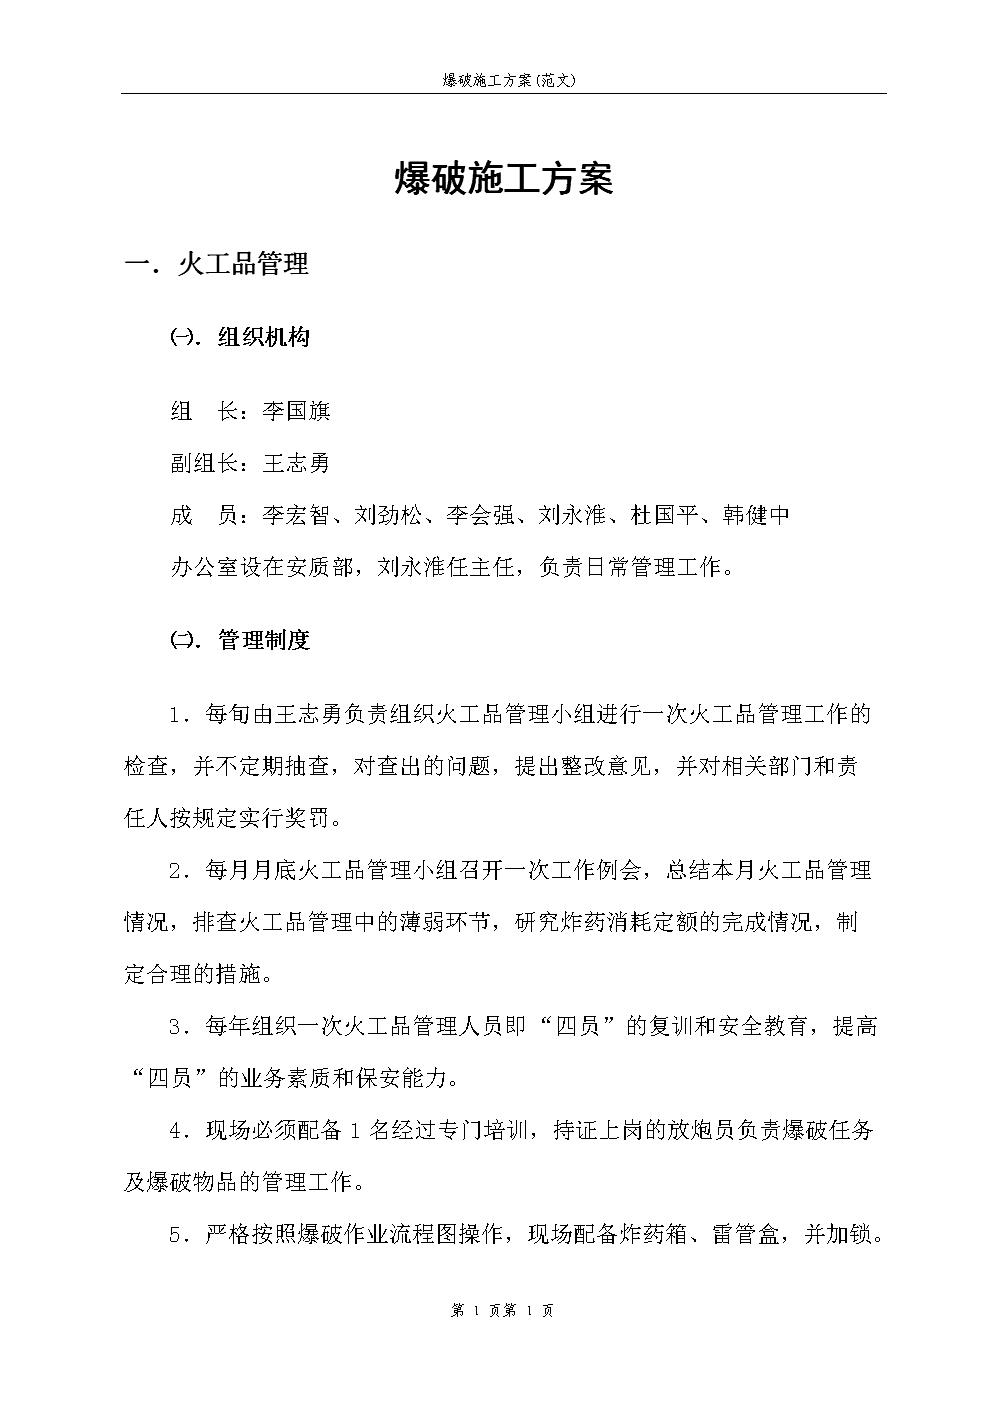 爆破施工方案(范文).doc